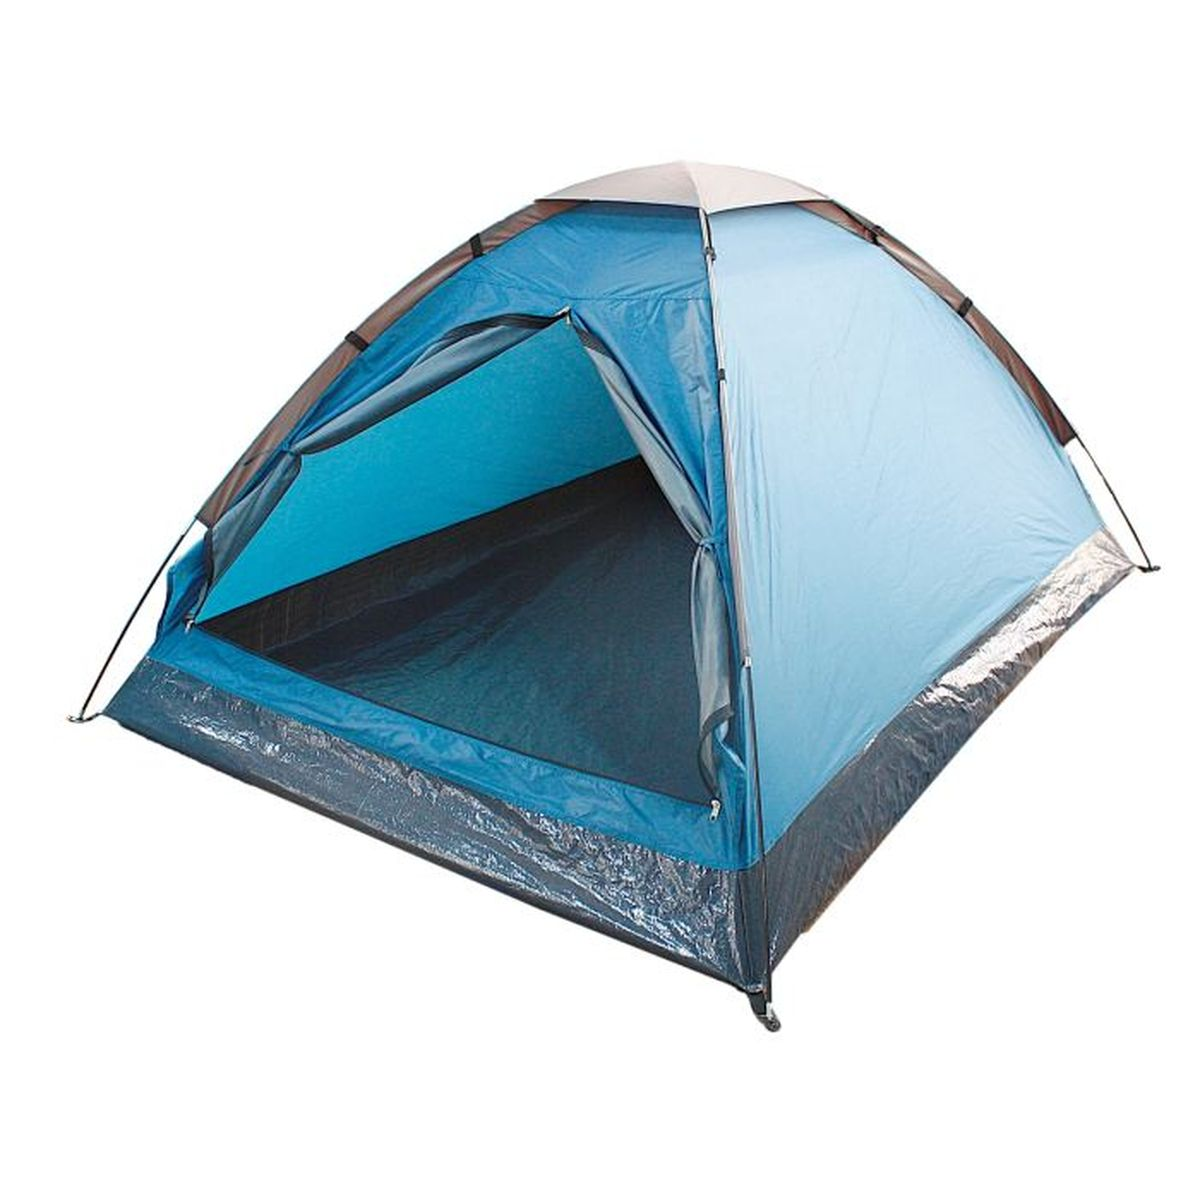 Палатка туристическая Onlitop SANDE 2, цвет: голубойGESS-131Если вы заядлый турист или просто любитель природы, вы хоть раз задумывались о ночёвке на свежем воздухе. Чтобы провести её с комфортом, вам понадобится отличная палатка, Она обеспечит безопасный досуг и защитит от непогоды и насекомых. Ткань рипстоп гарантирует длительную эксплуатацию палатки за счёт высокой прочности материала.